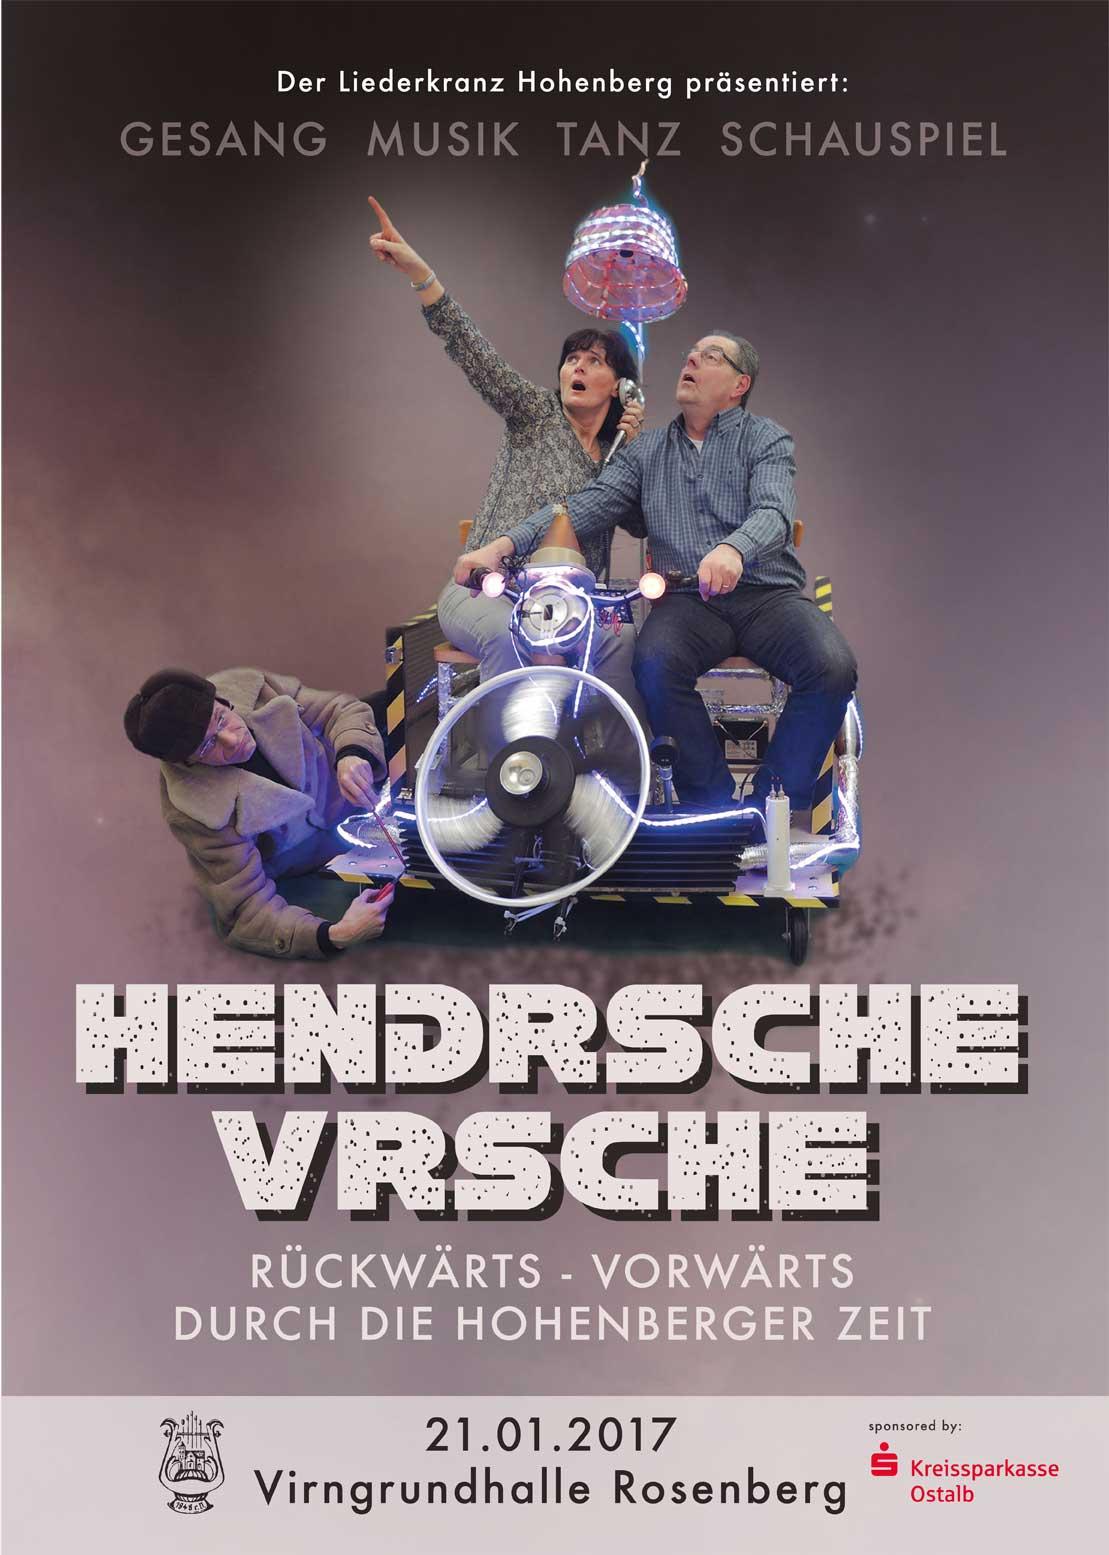 HendrscheVrsche - Gesang Musik Tanz Schauspiel